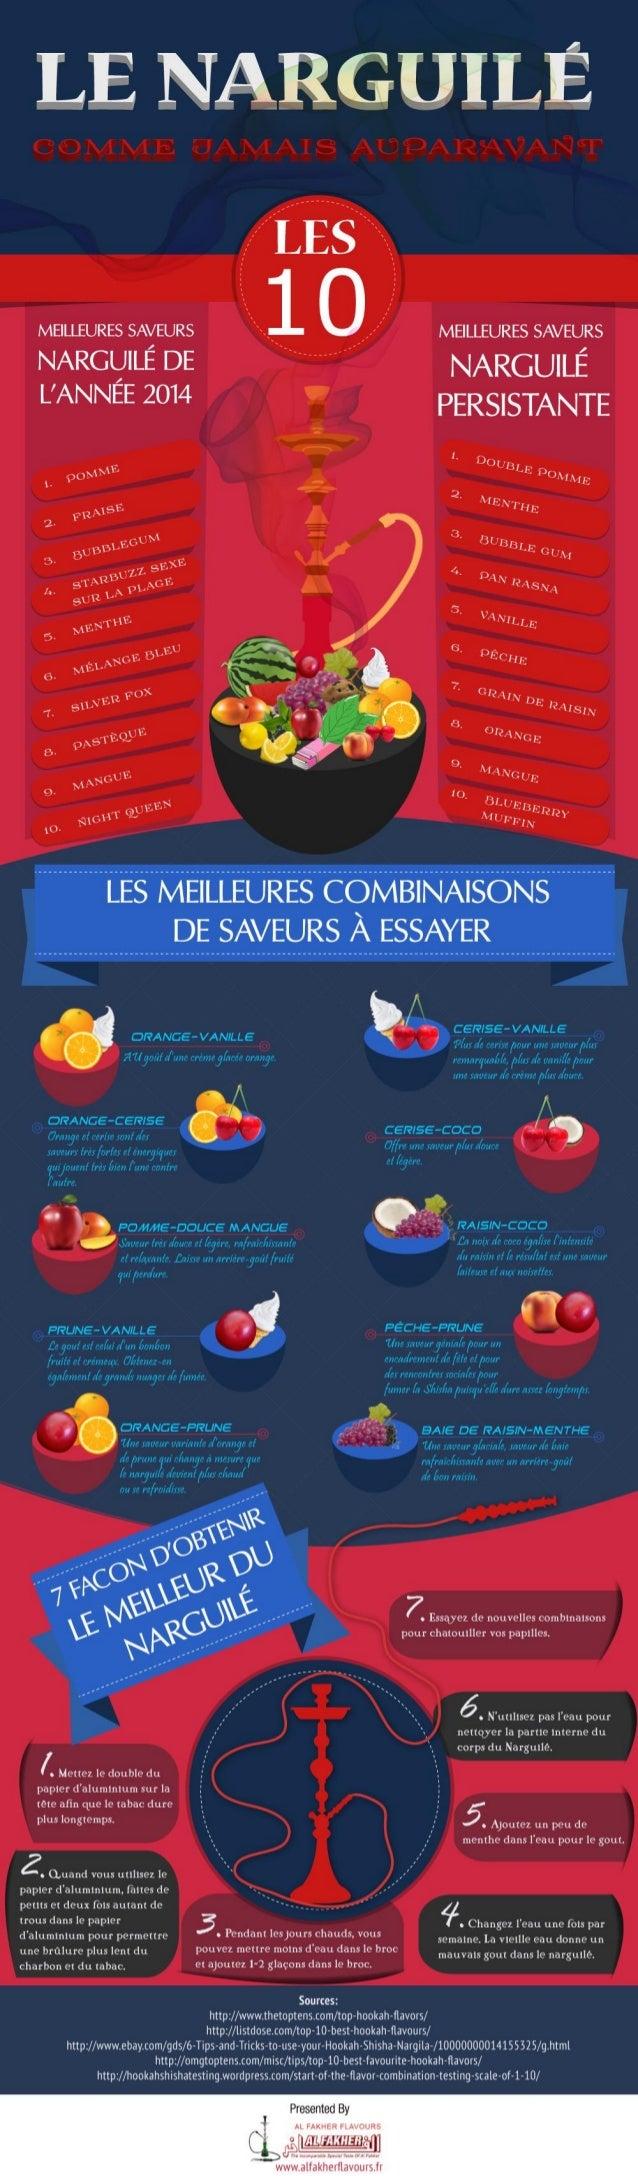 LE NARGUILÉ COMME JAMAIS AUPARAVANT [Infographie]